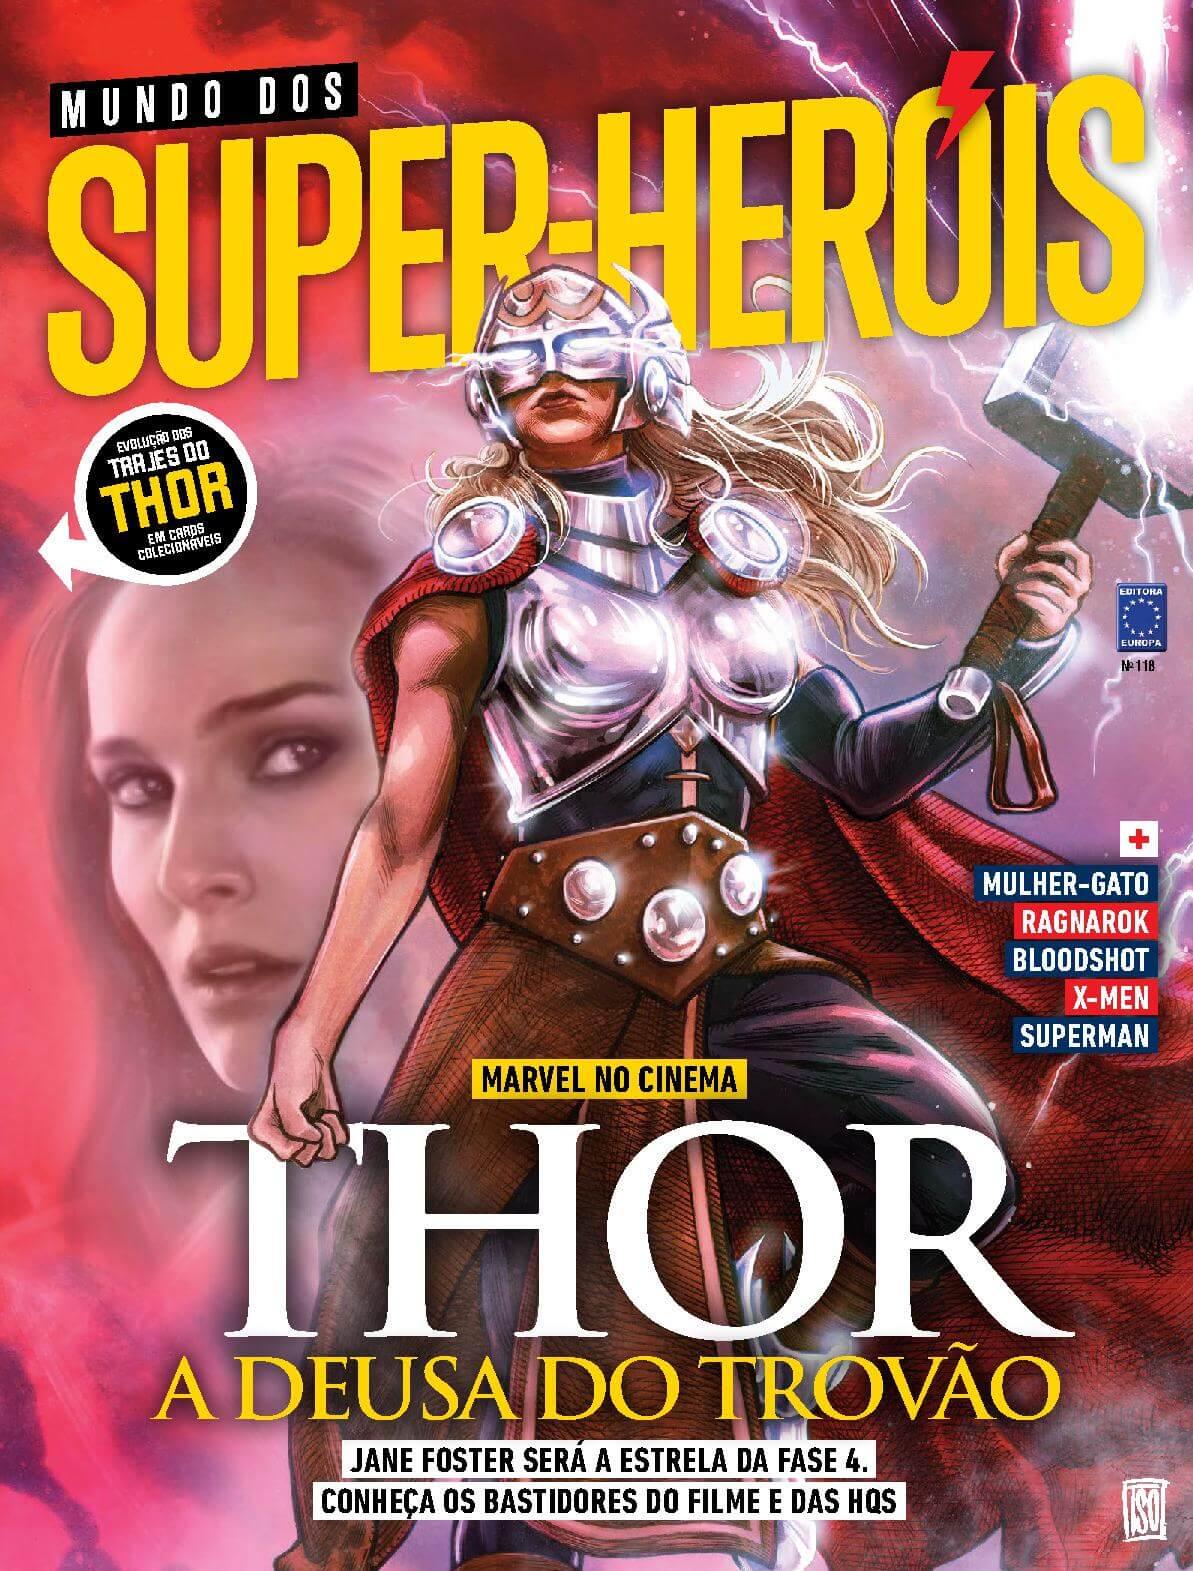 Thor a deusa do trovão Jane Foster será a estrela da fase 4. Conheça os bastidores do filme e das HQs.  E mais Mulher-Gato Ragnarok Bloodshot X-men Superman